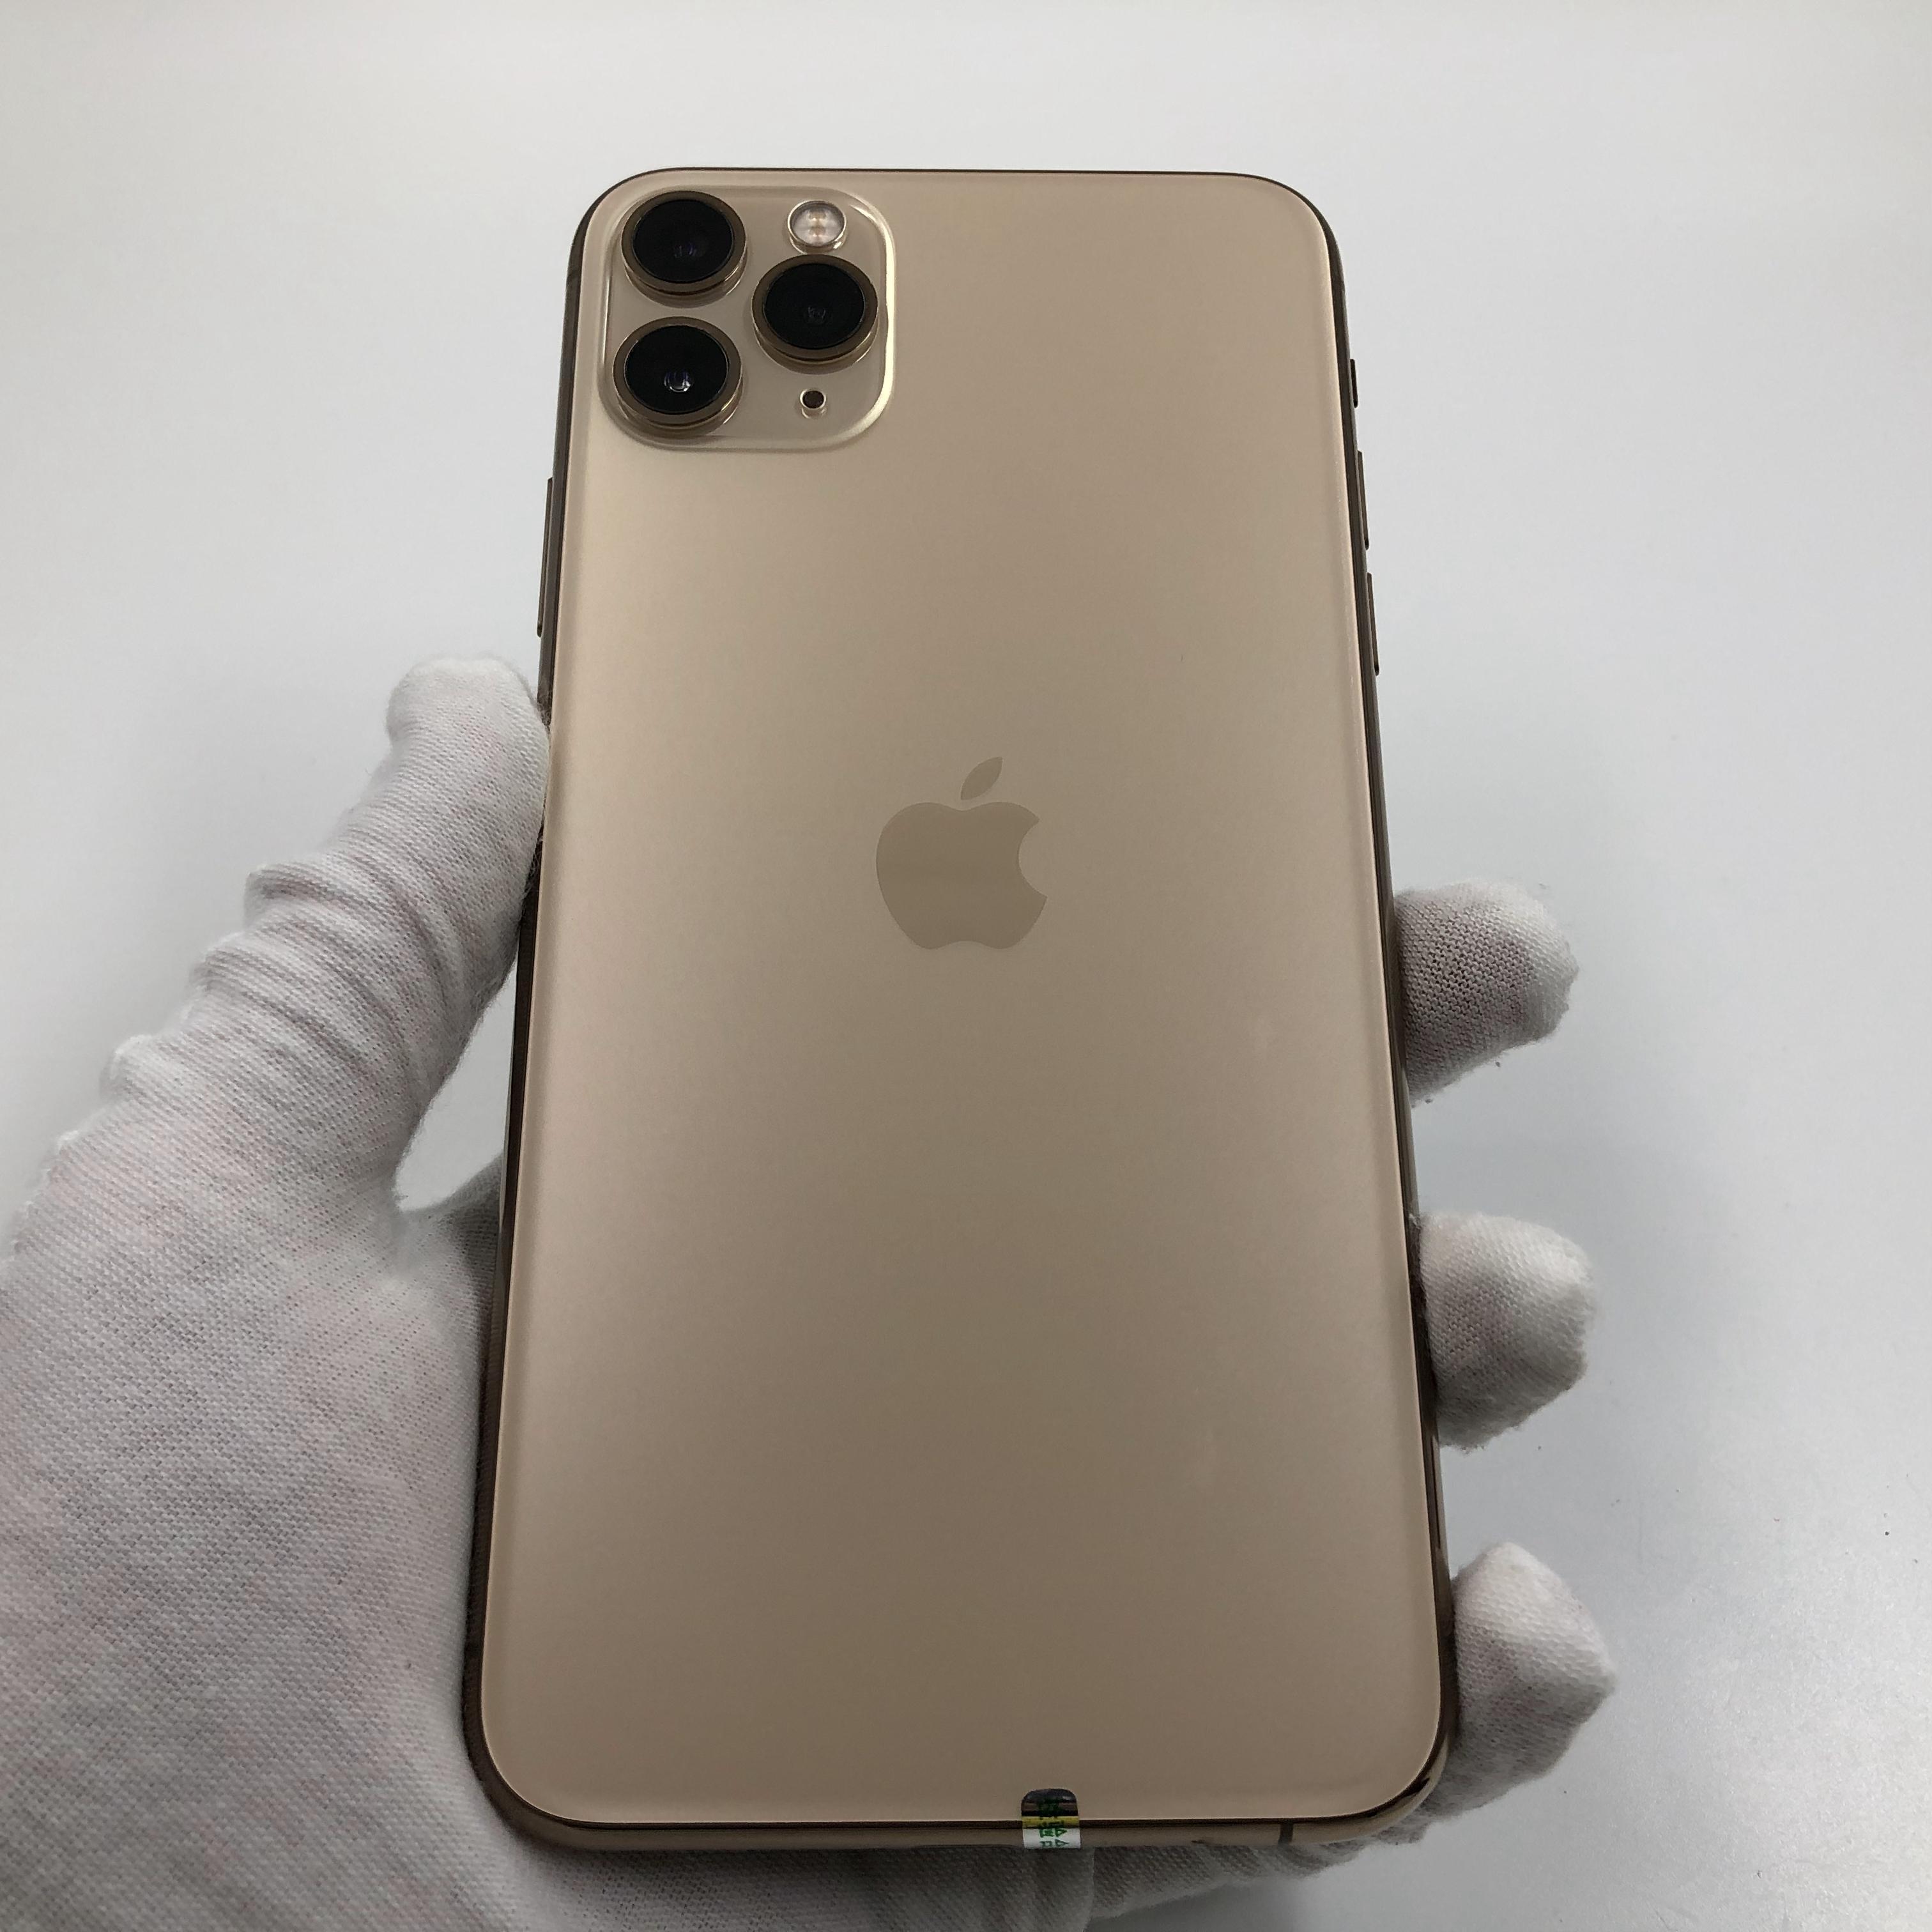 苹果【iPhone 11 Pro Max】4G全网通 金色 64G 国行 8成新 真机实拍